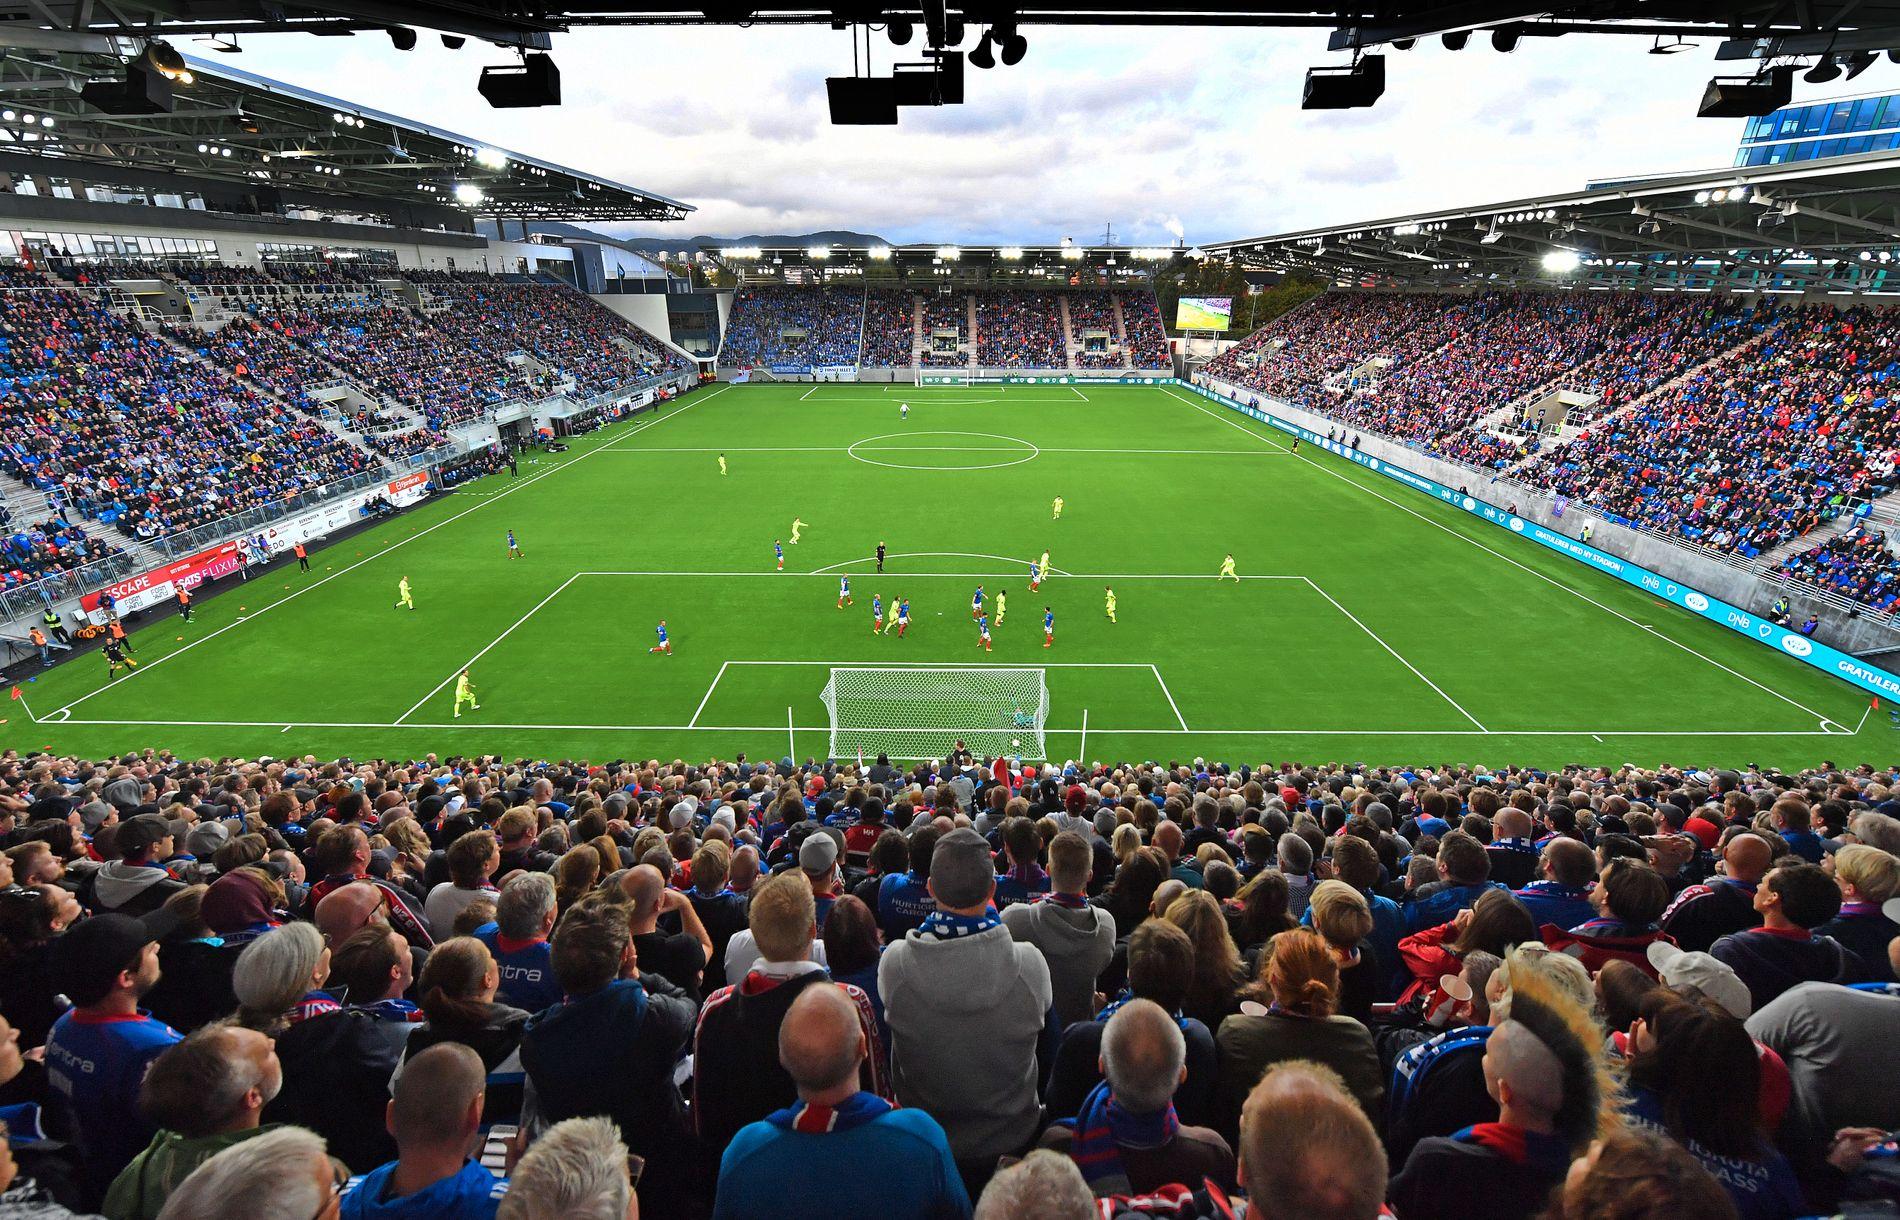 FULLE TRIBUNER: 17.011 tilskuere stilte opp på Eliteserie-åpningen av nye Vålerenga kultur- og idrettspark da Sarpsborg slo Vålerenga 2-1. Det var kun 300 tomme seter.